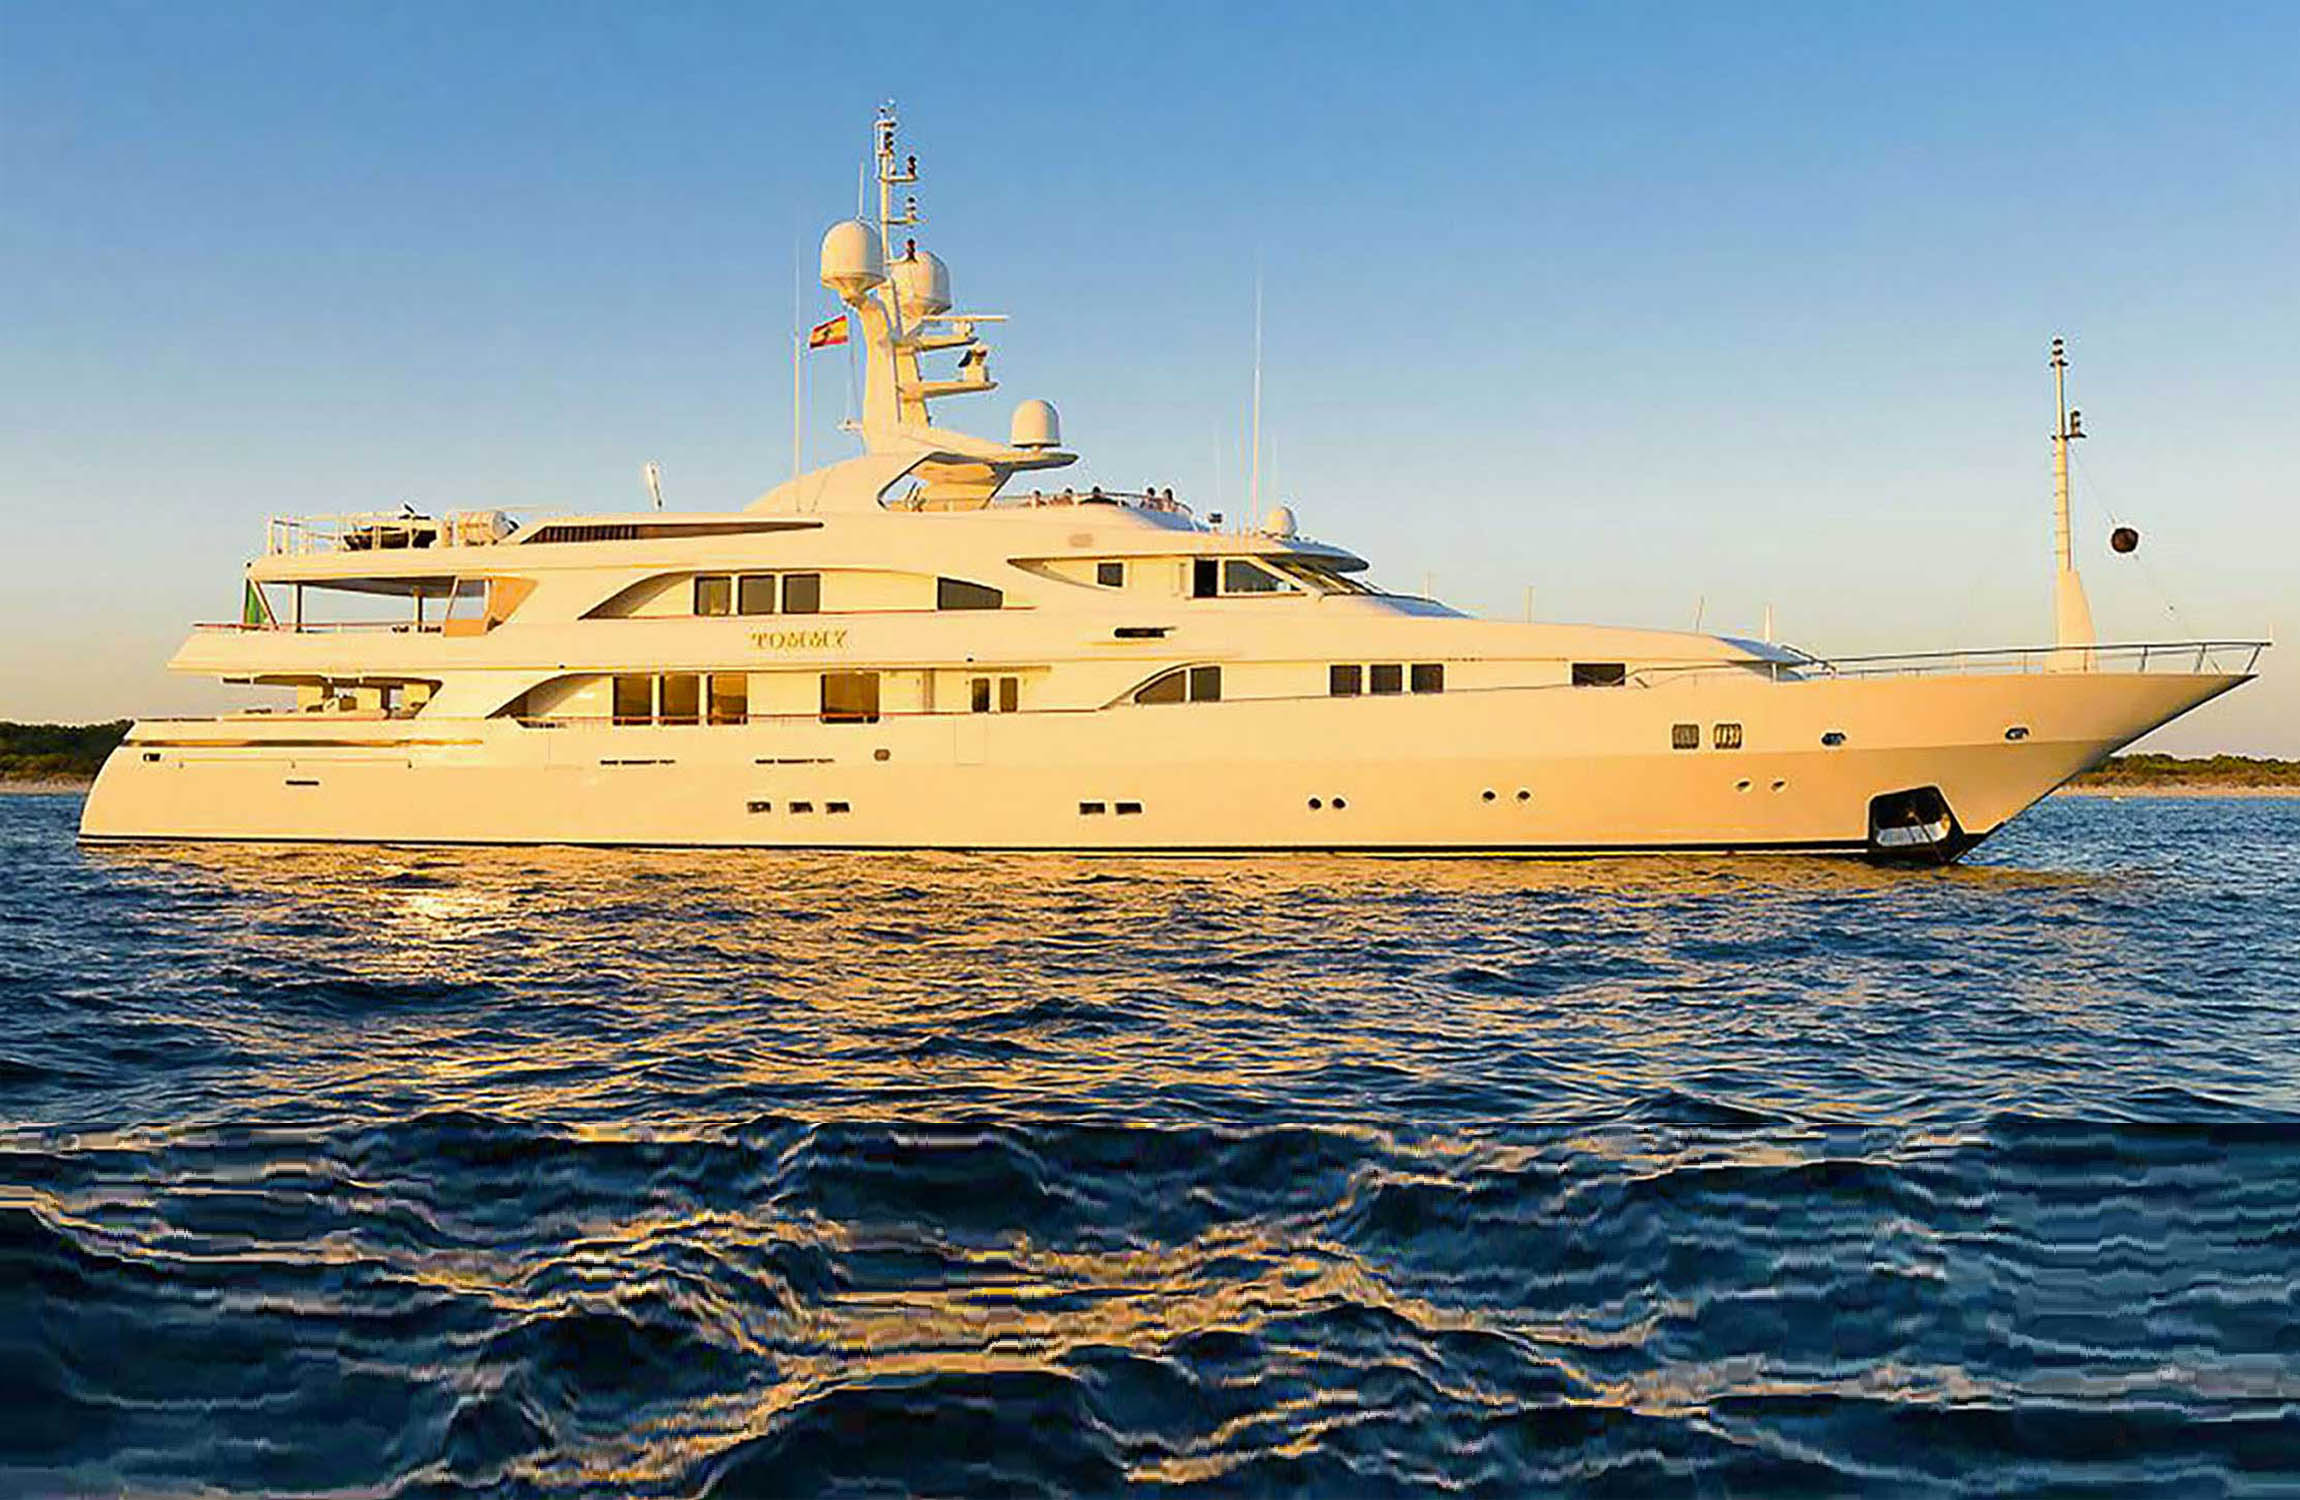 Motor Yacht TOMMY